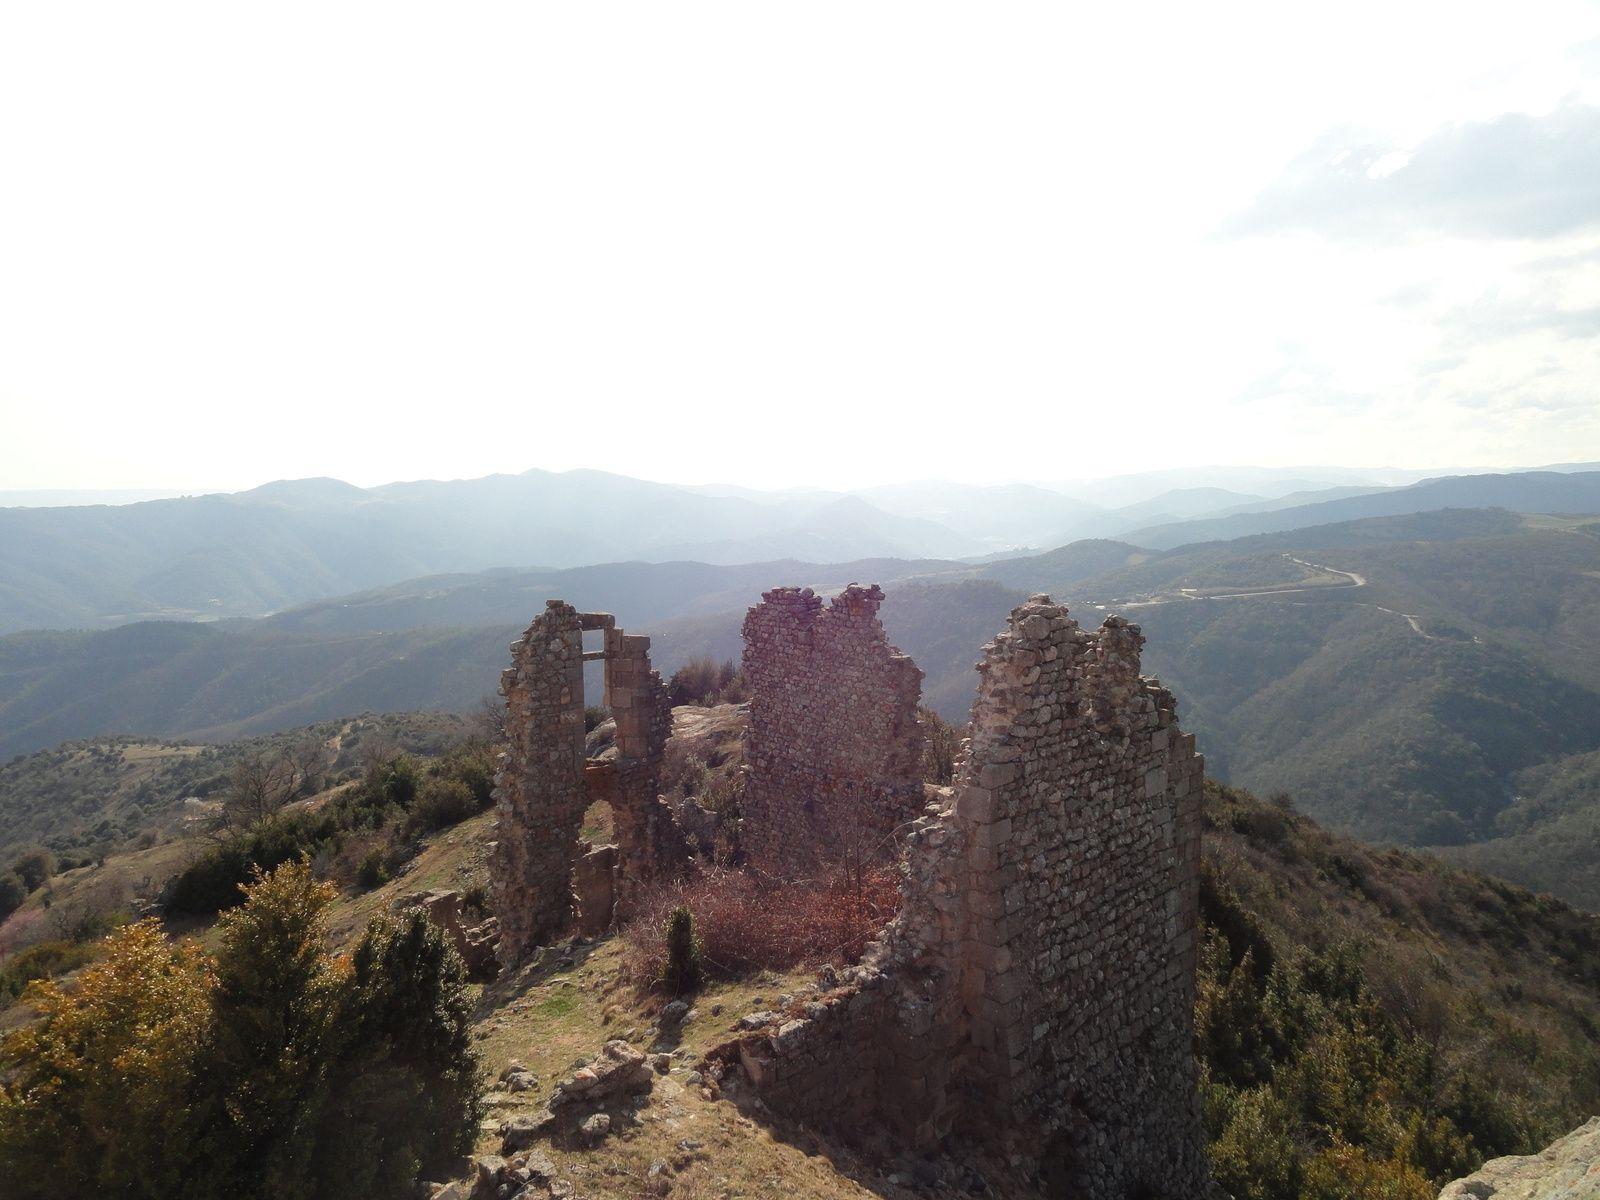 Les restes du château de Pierregourde.